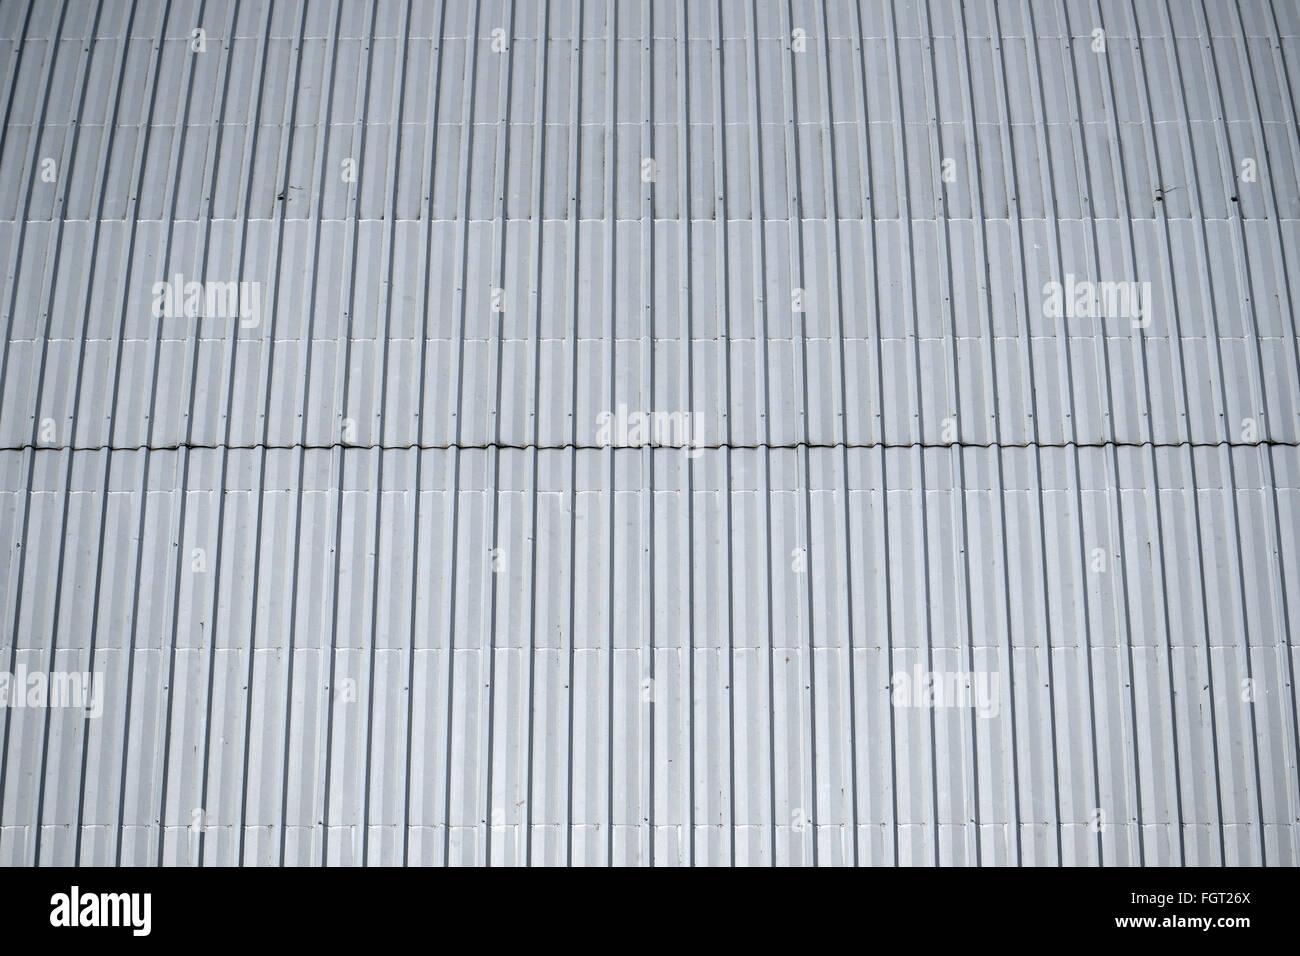 Blechdach textur  Blech Dach Muster und Textur Stockfoto, Bild: 96414946 - Alamy